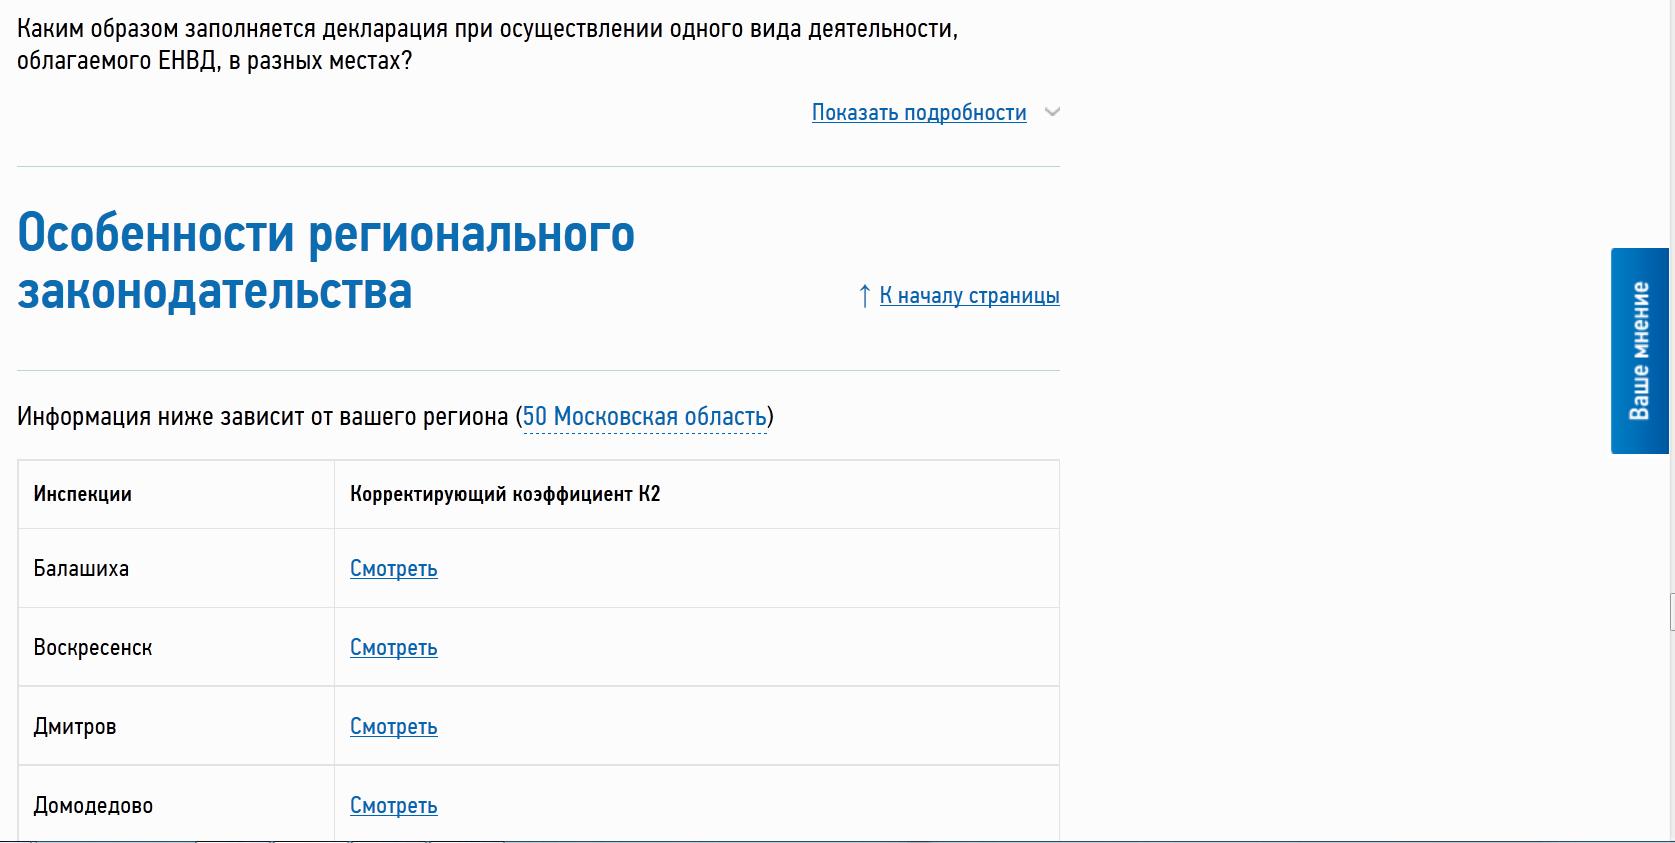 виды деятельности ЕНВД в 2015 году для ИП Московская область